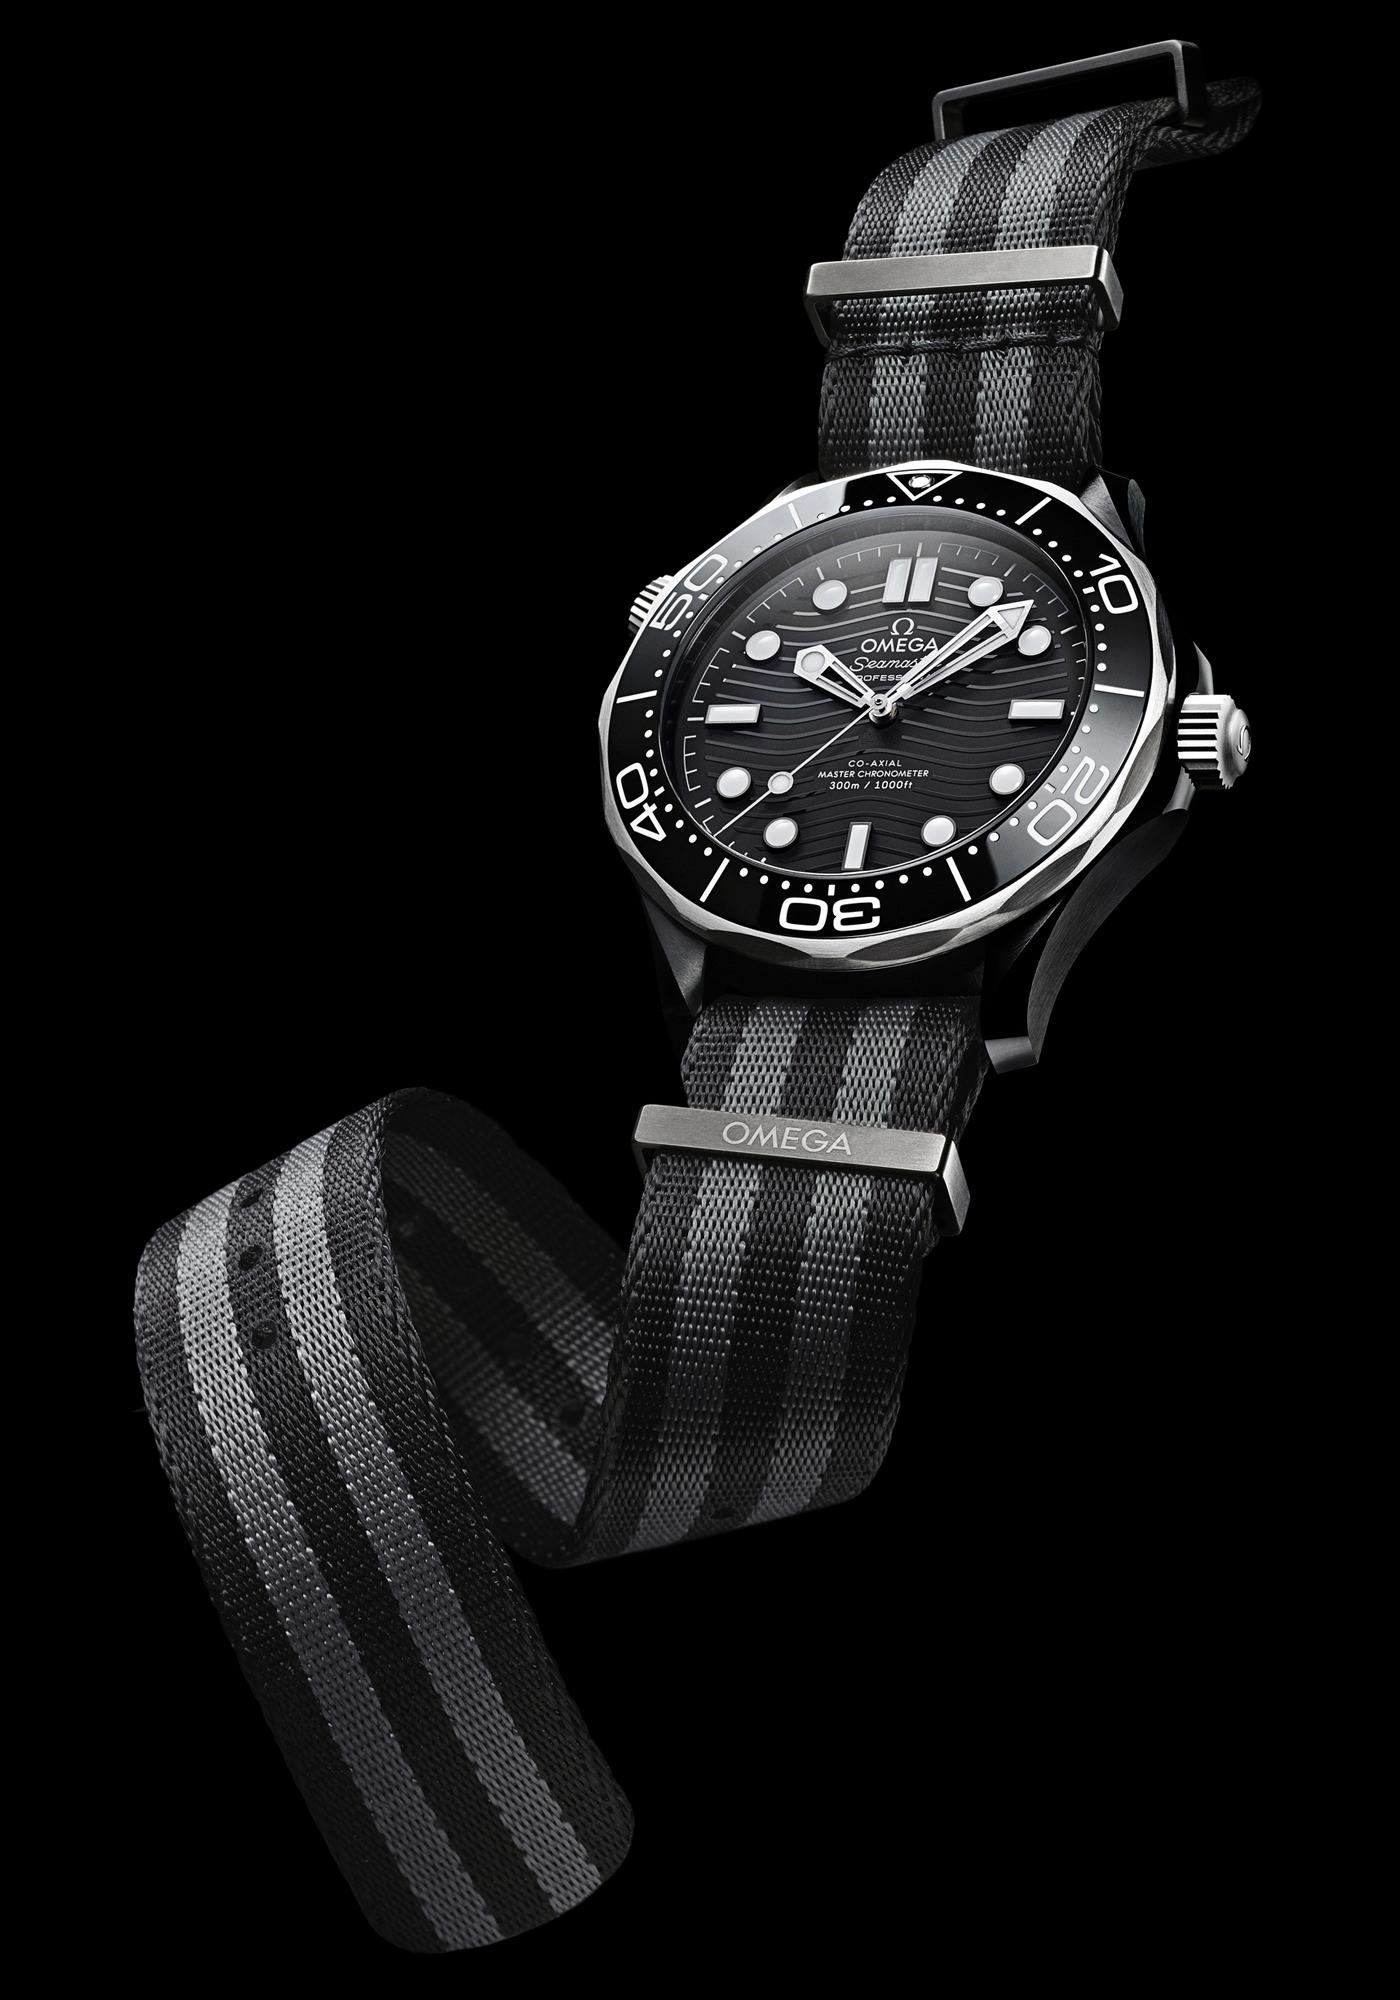 Montre Omega Seamaster Diver-300M Céramique Titanium Bracelet NATO Gris Rayures Longueur